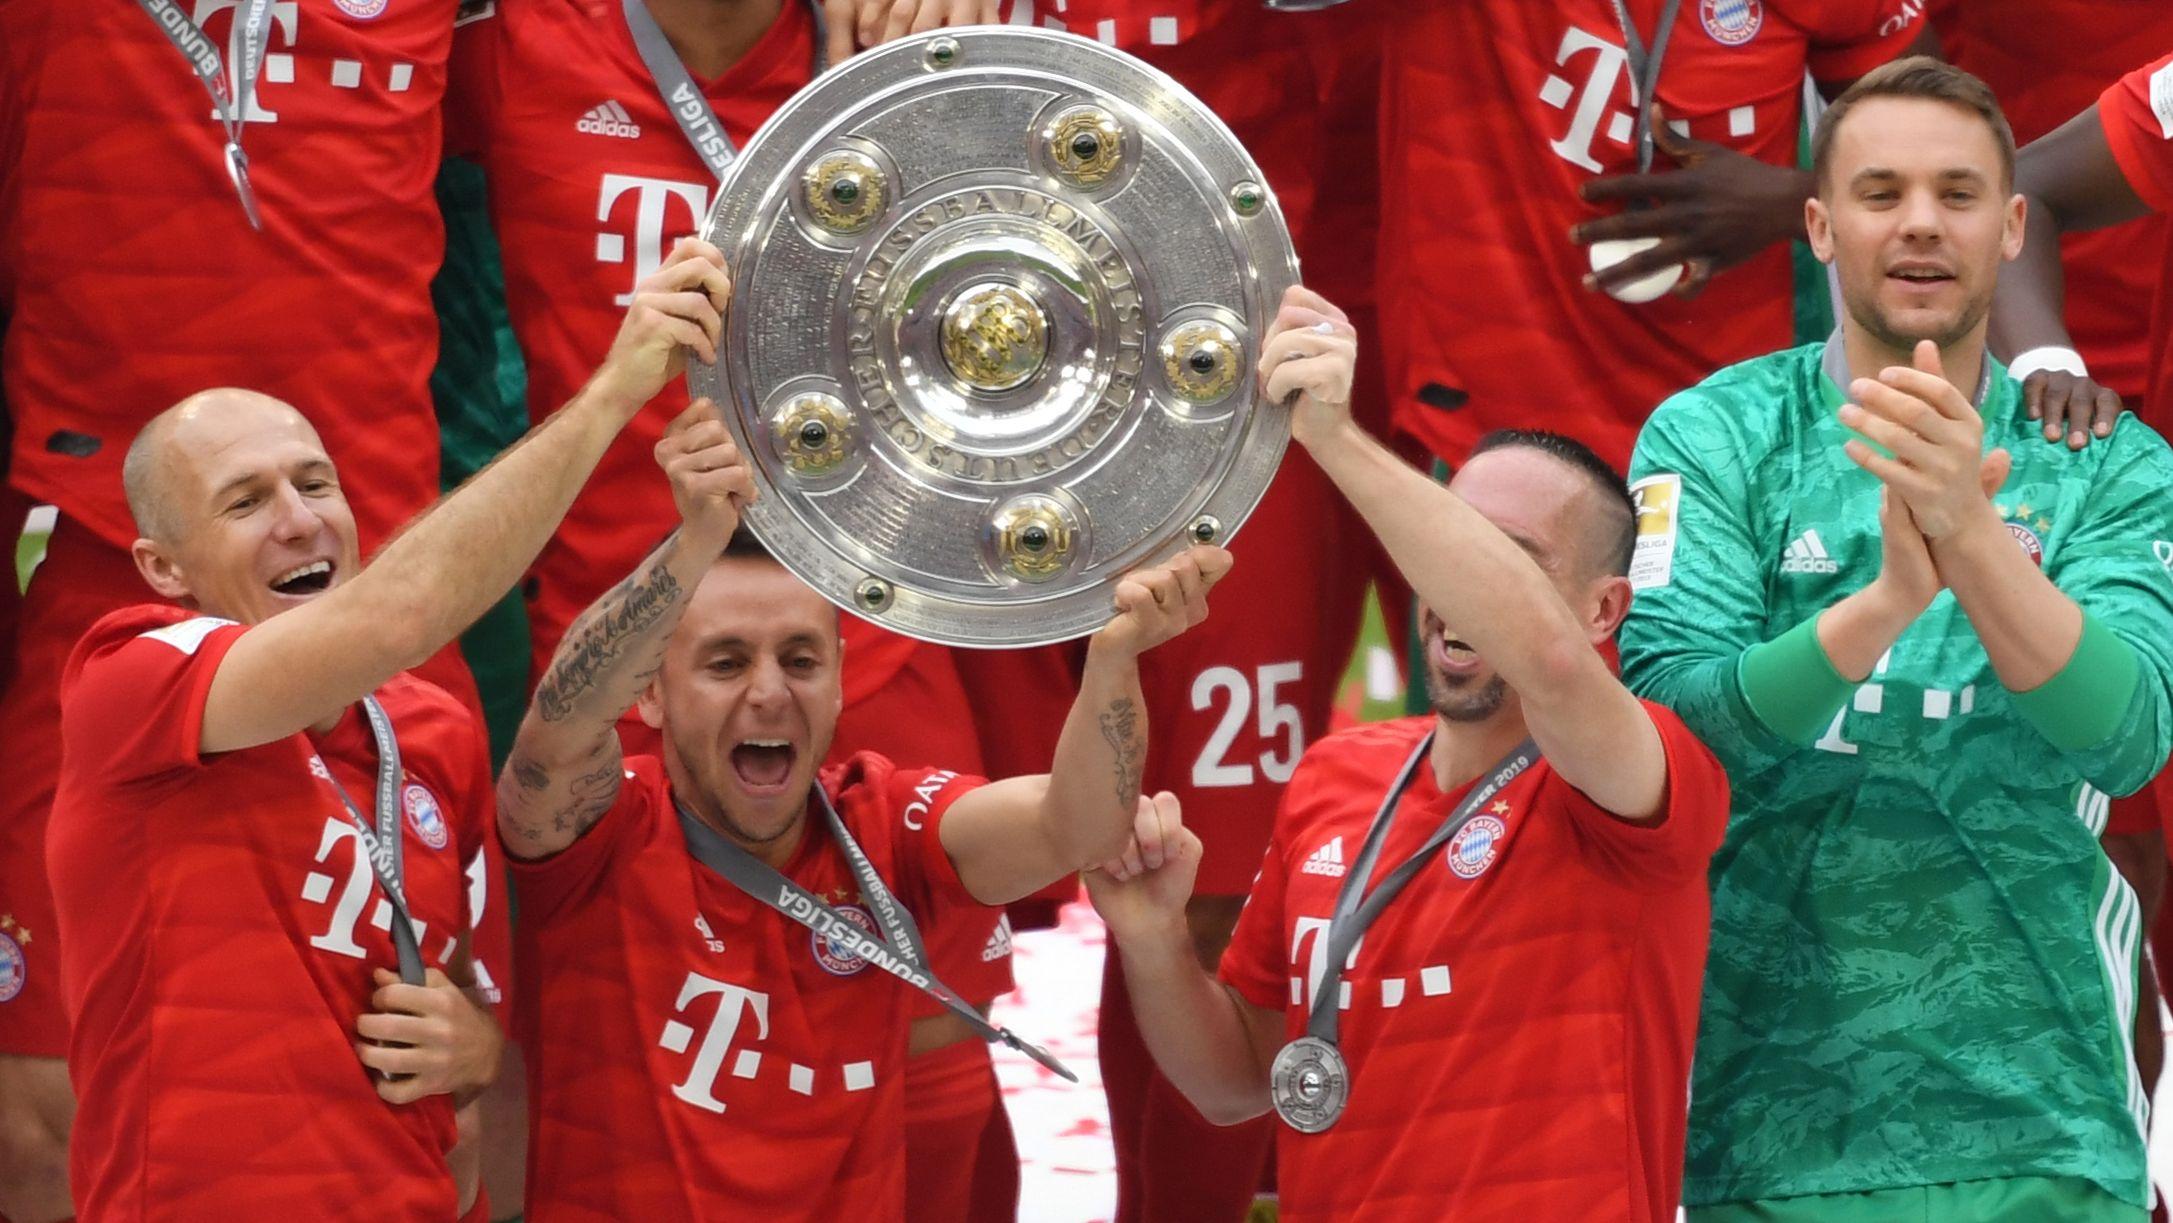 Die Bayern sind zum 29. Mal deutscher Meister. Arjen Robben, Rafinha und Franck Ribéry zeigen den Fans die Schale.